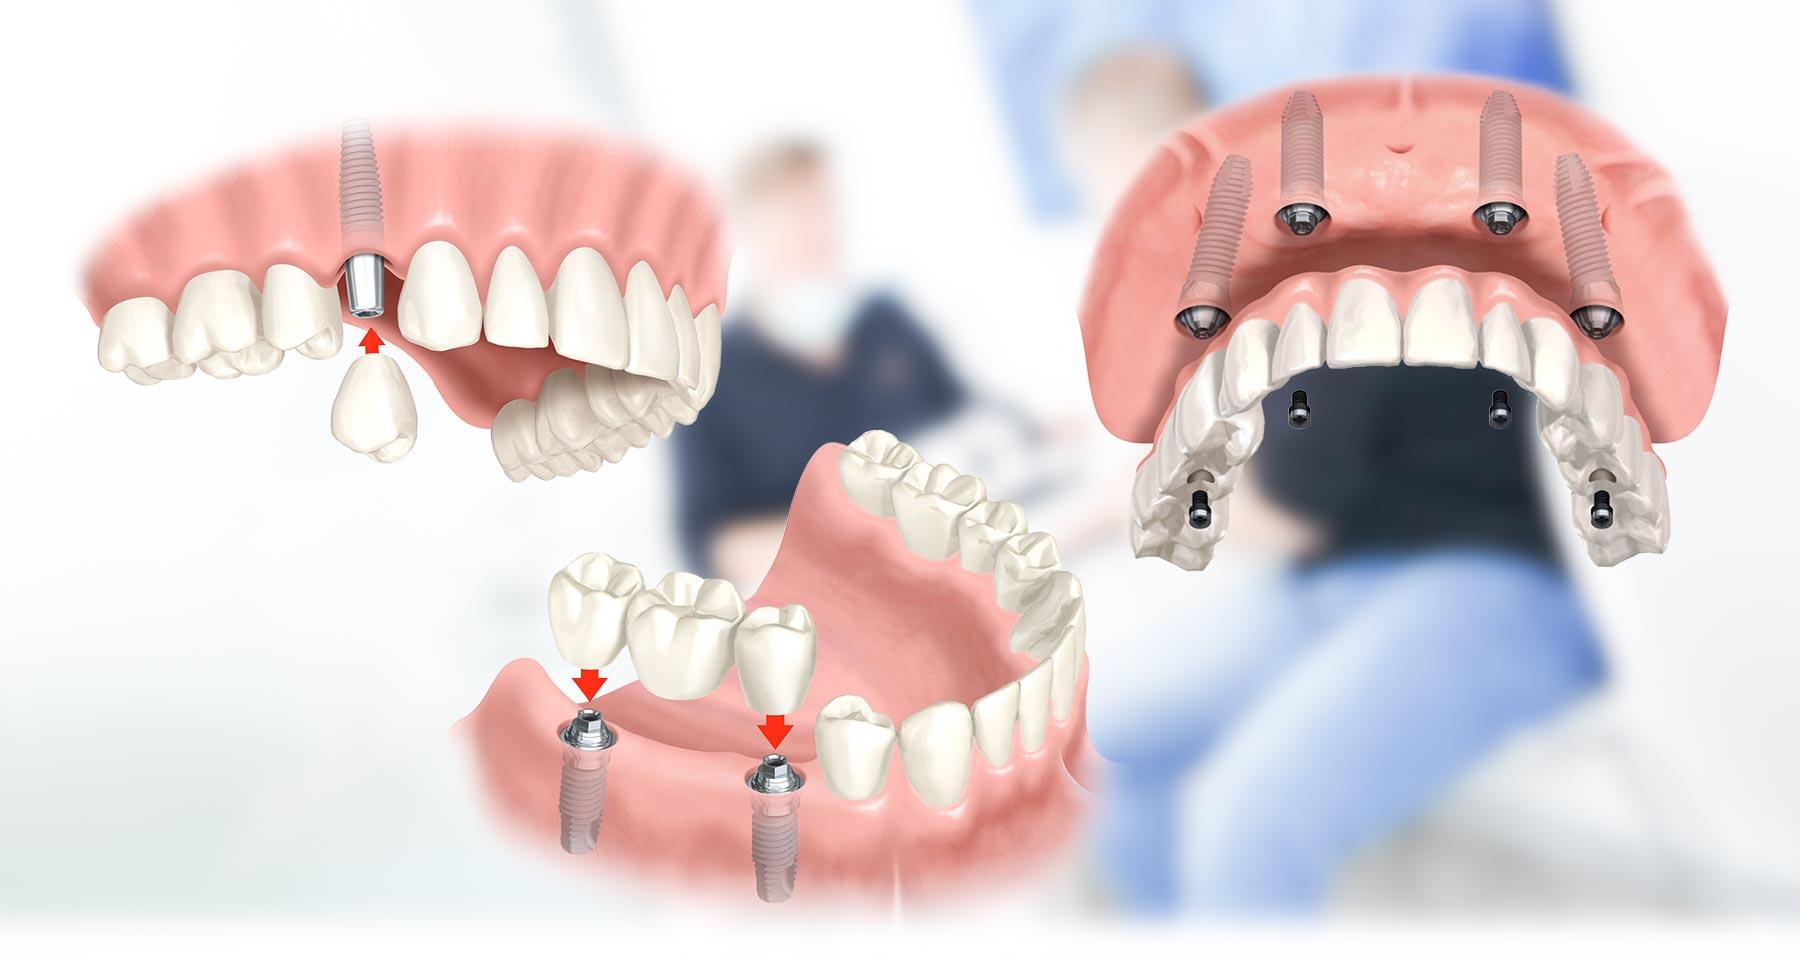 Grafik mehrerer Zahnimplantate Langenhagen, die in den Kieferknochen eingesetzt wurden